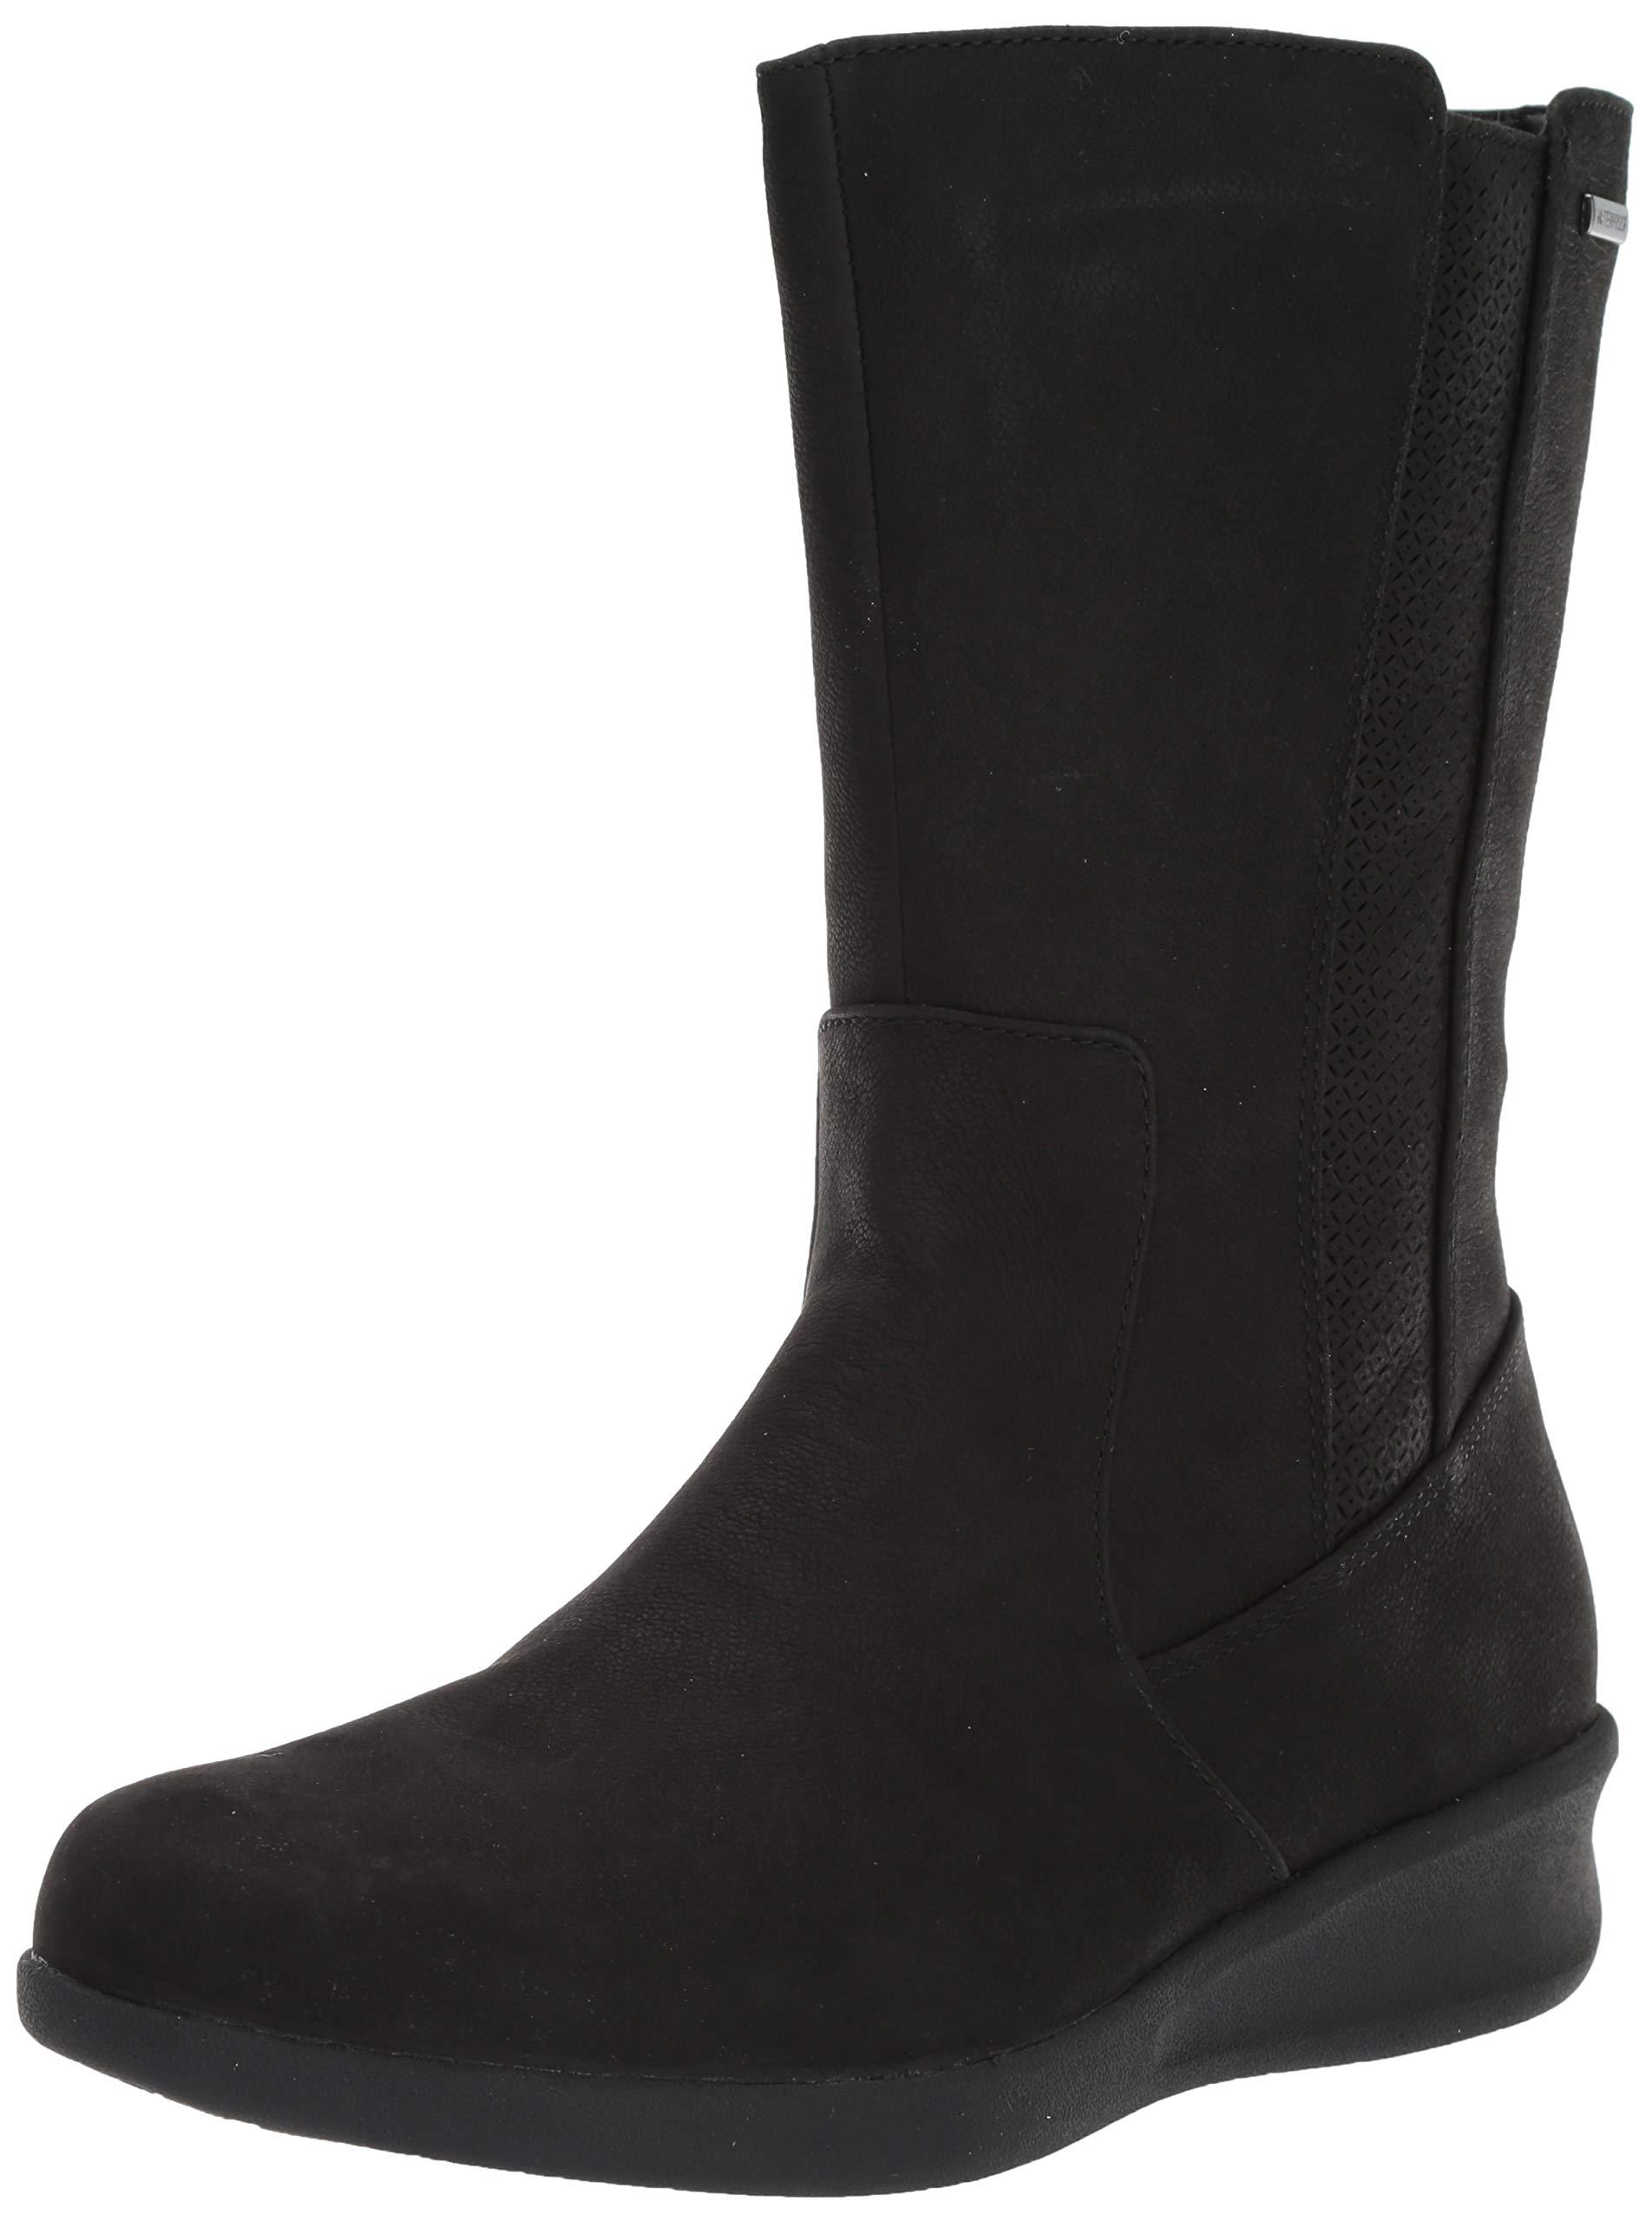 Aravon Women's Fairlee MID Boot Calf, Black, 8.5 2E US by Aravon